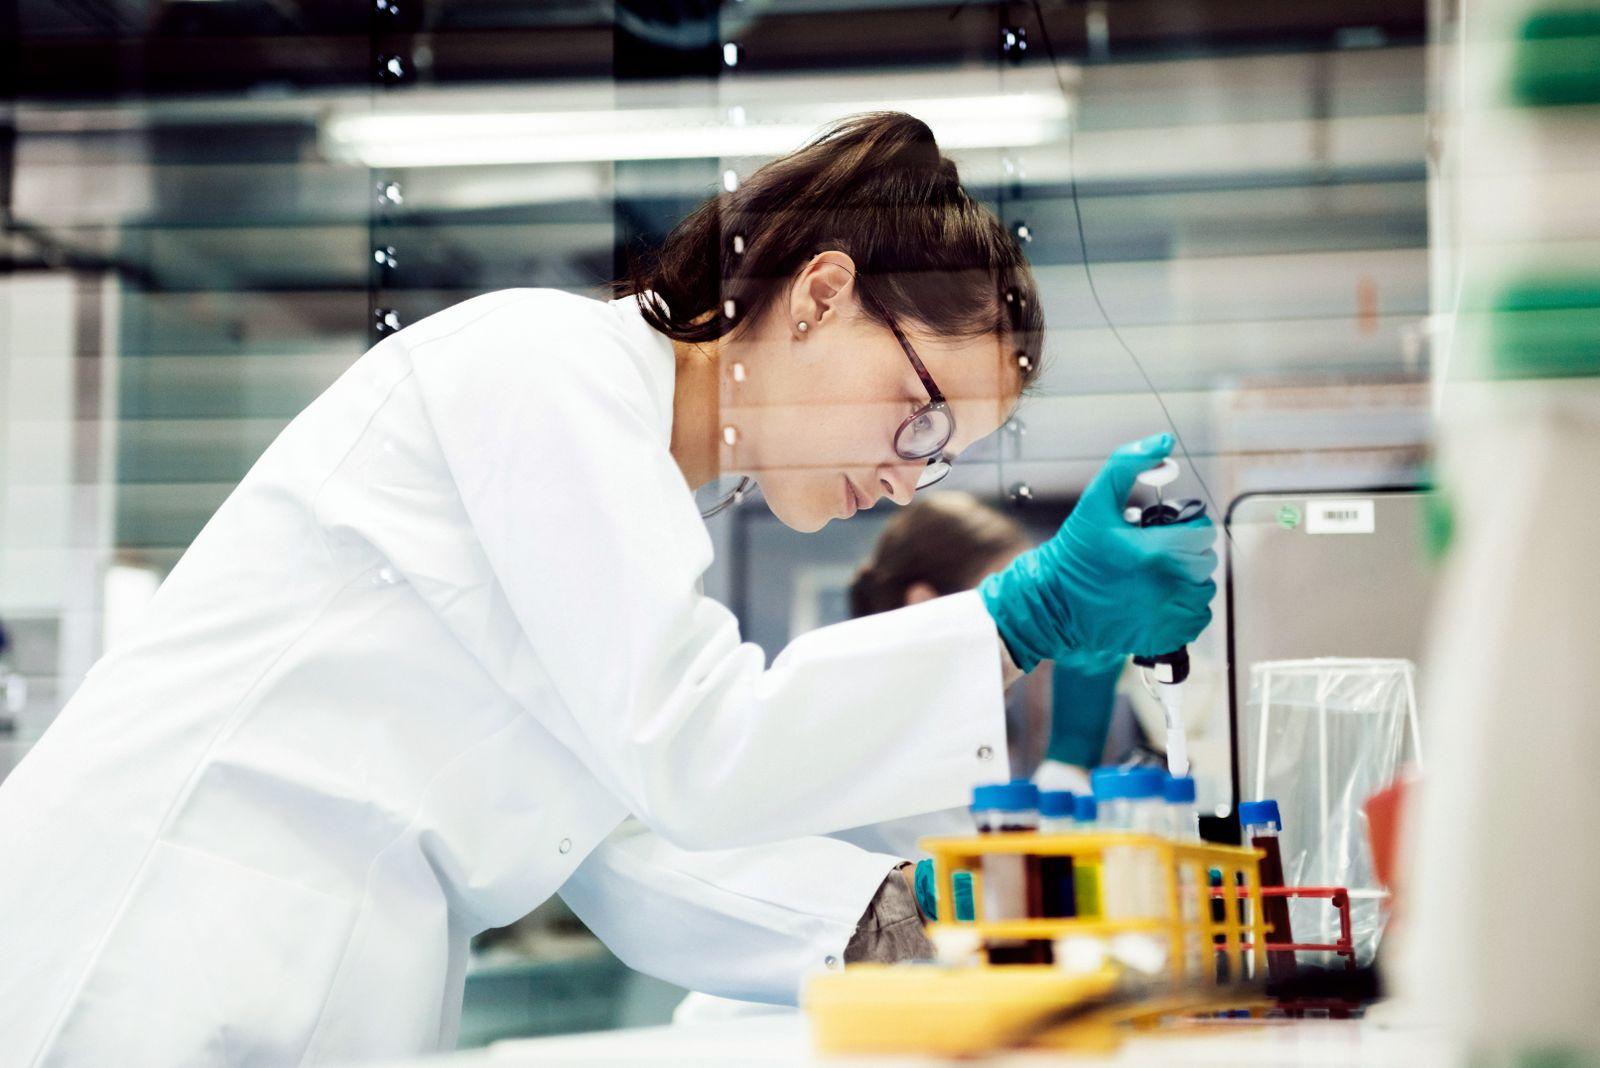 Medizin: Deutsche Unis halten Studienergebnisse zurück - DER SPIEGEL